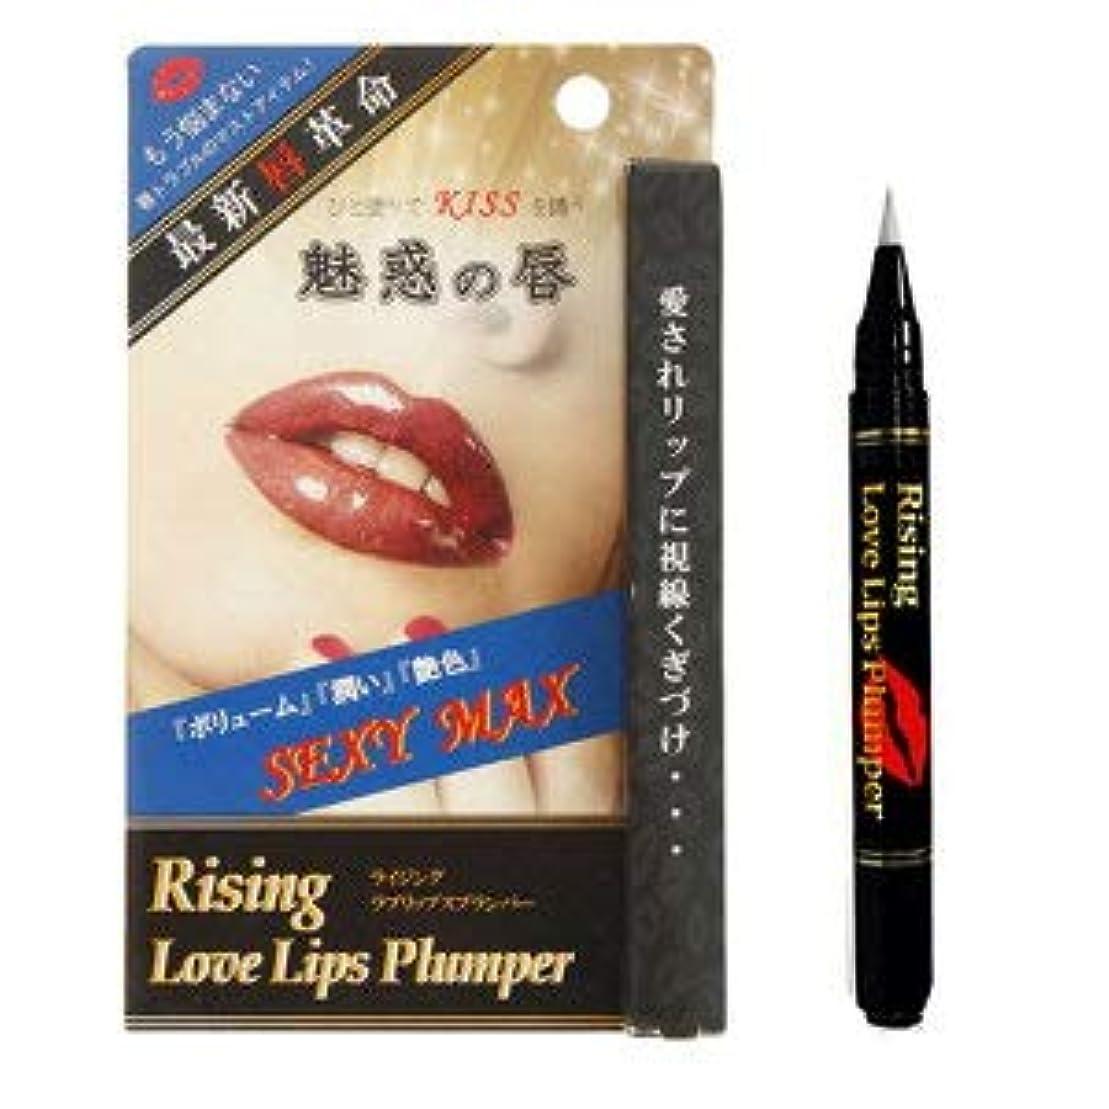 とげのある一晩強風ライジング ラブリップスプランパー Love Lips Plumper 唇専用美容液 LOVE LIP ラブ リップ グロス 化粧品 メイク 塗る 唇 潤い 艶 ハリ ボリューム かわいい 美人 女子 女子力